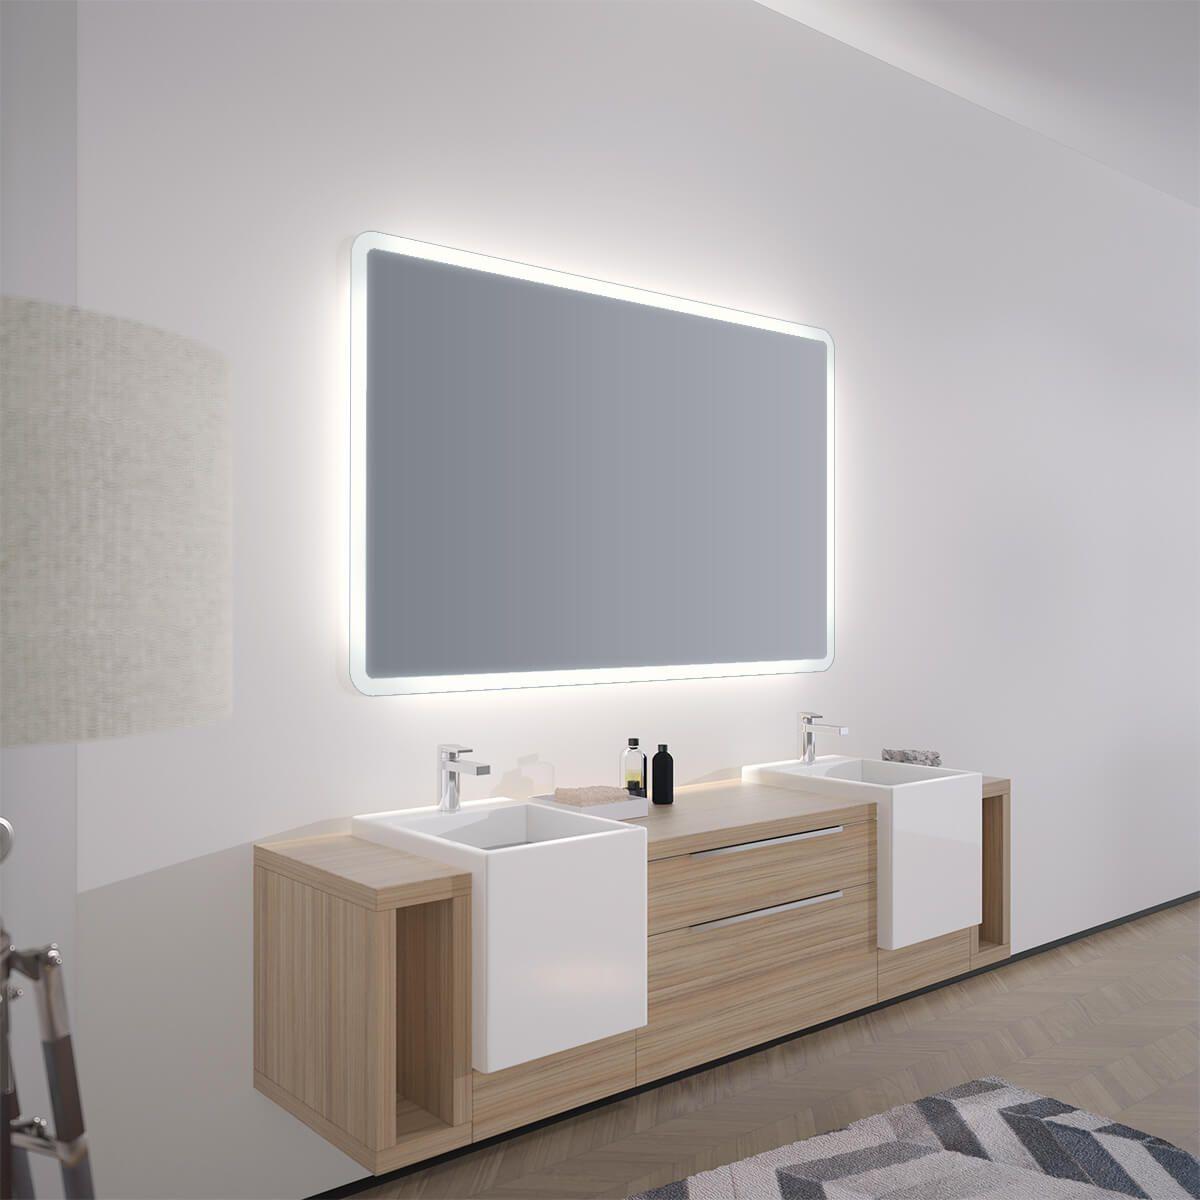 Spiegel Mit Abgerundeten Ecken Adela Spiegel Badspiegel Led Beleuchtung